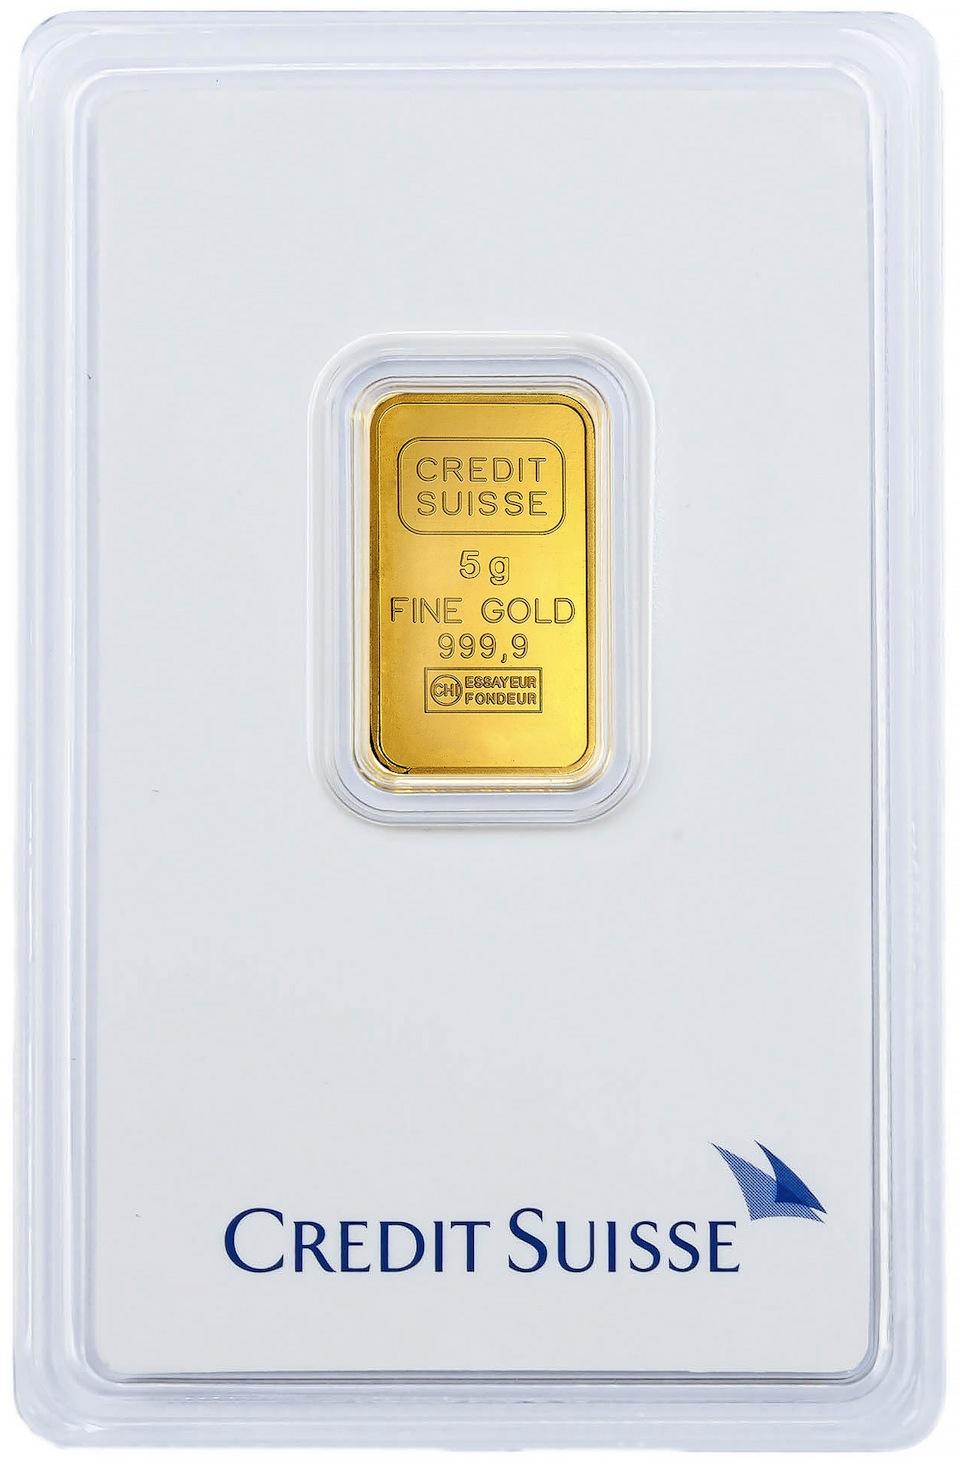 Mini Lingou Aur 5 g, 24 K, Credit Suisse